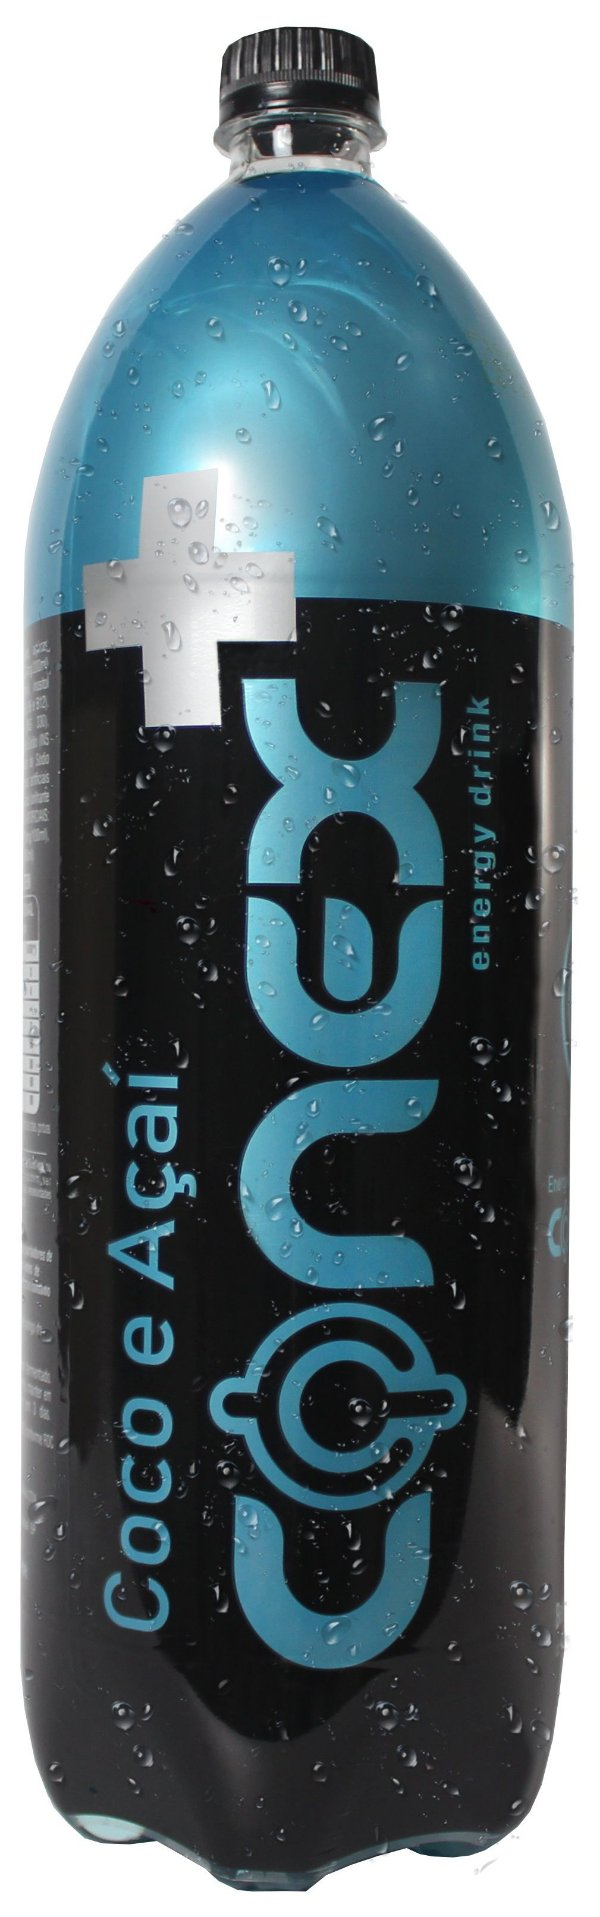 Energético CONEX sabor COCO&AÇAÍ 2 Litros Pacote com 6 UND.